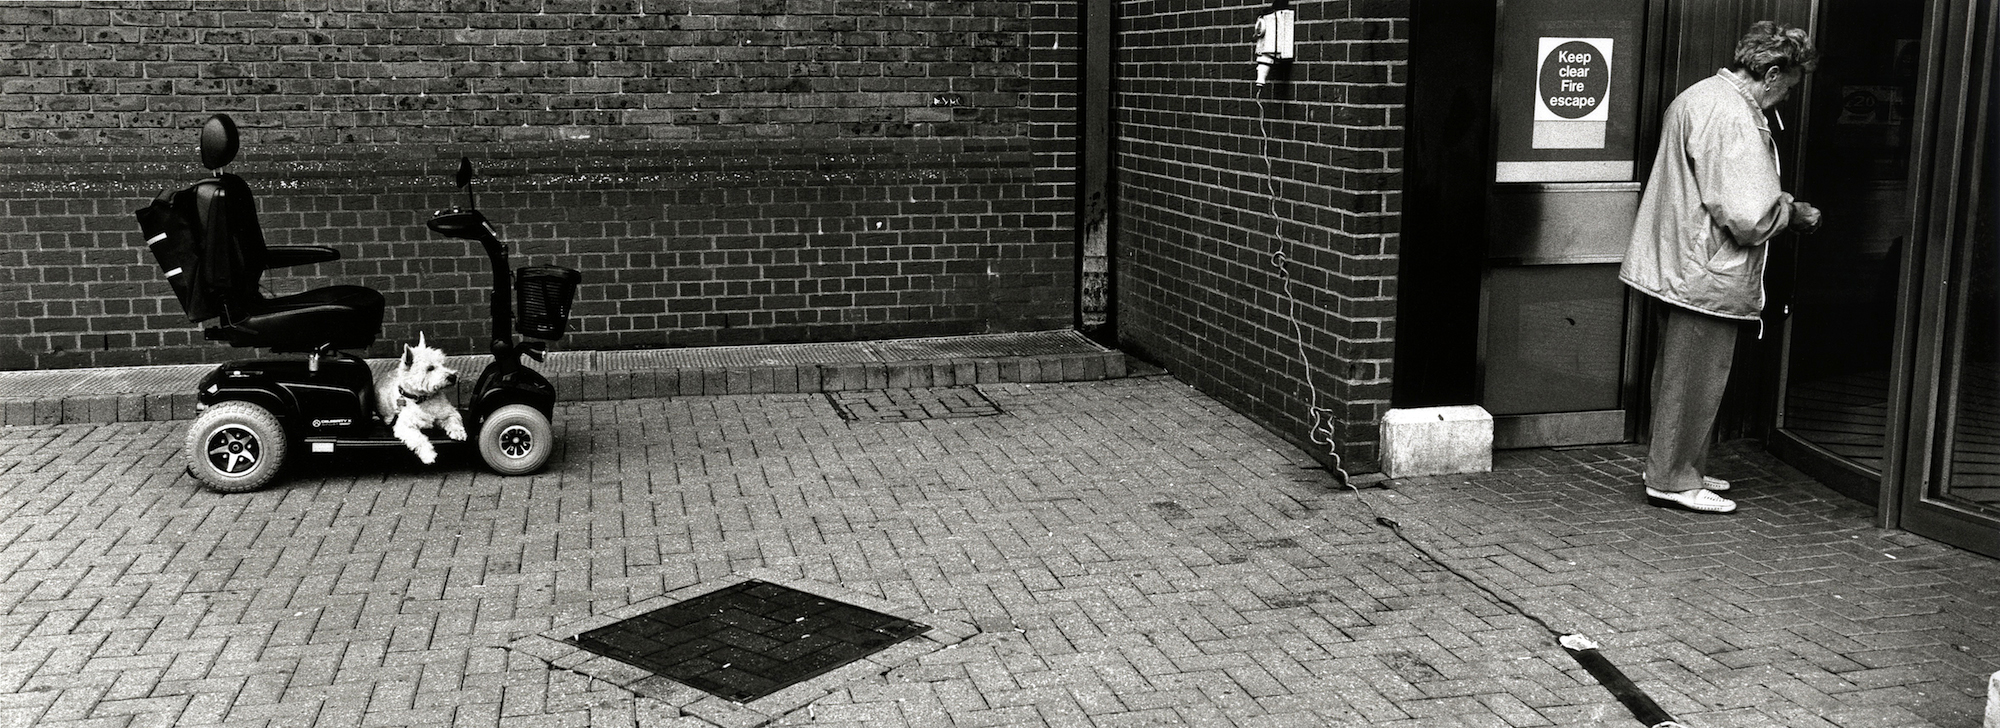 walter_rothwell_panoramic_photography_06.jpg